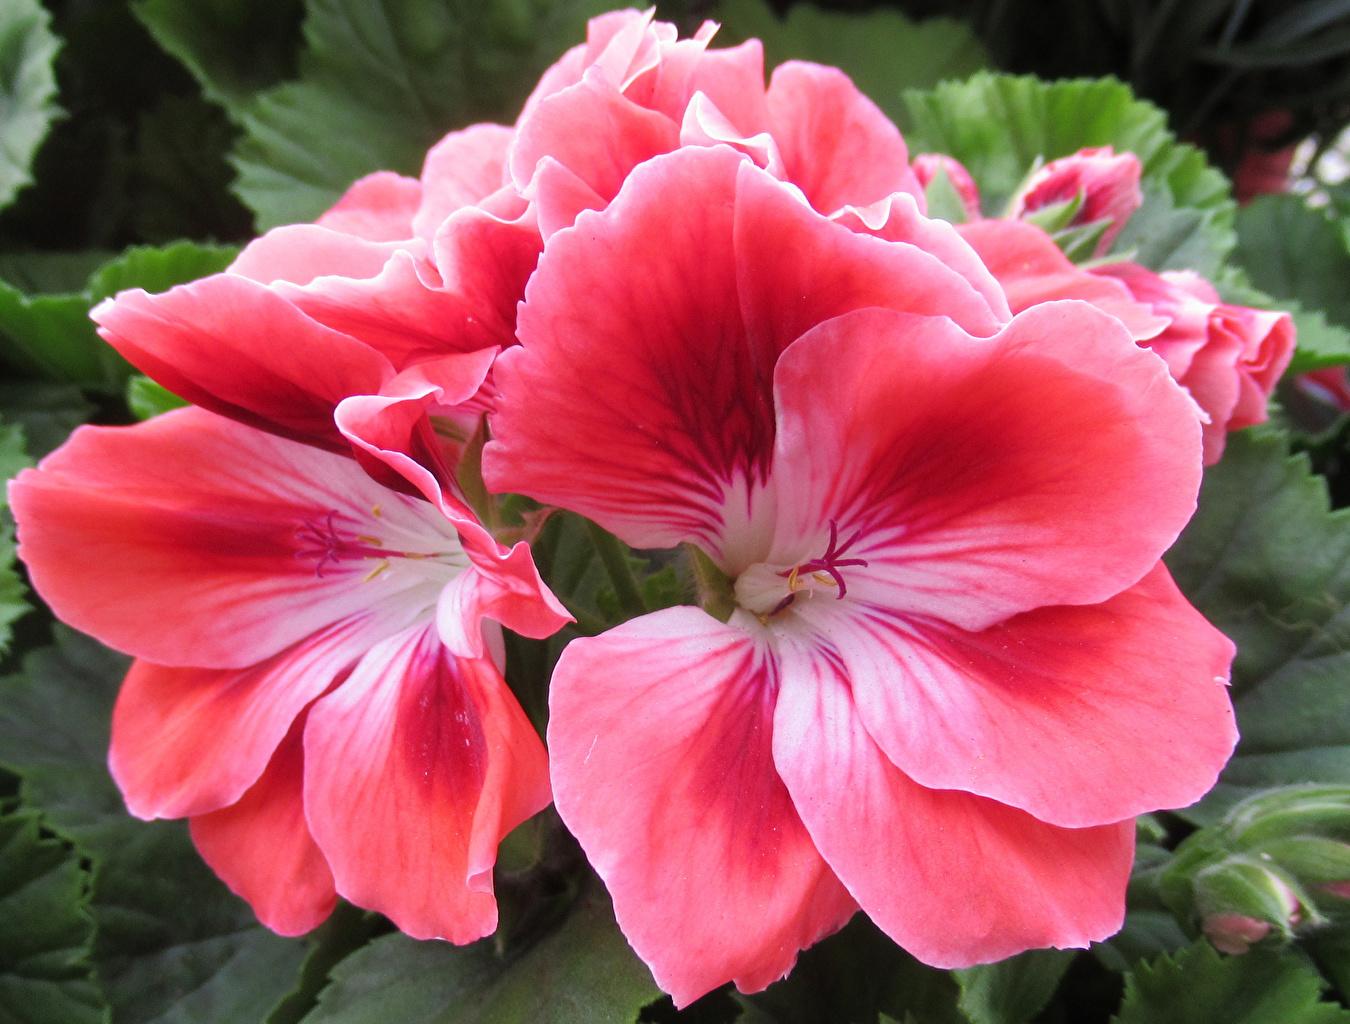 Fotos Rosa Farbe Blüte Geranien hautnah Blumen Storchschnäbel Nahaufnahme Großansicht